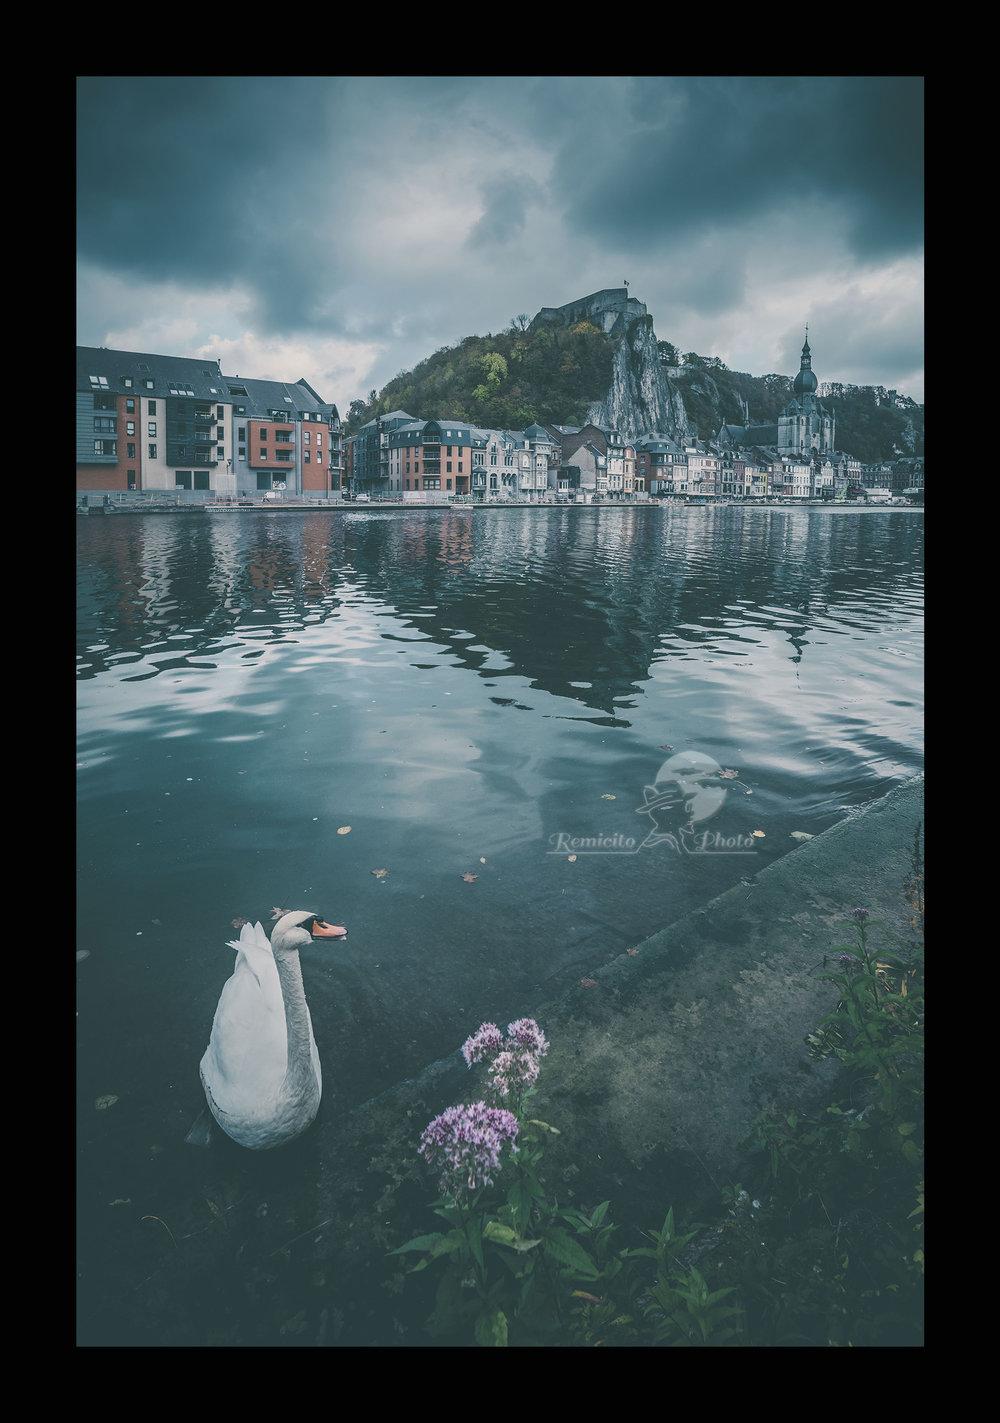 Remicito photo, image du jour, photo du jour, photo Dinant, photo Belgique, photo cygne, swan photography, dark photography, Terres obscures, Dark Lands, Tierras oscuras, belle photo, idée déco, cadeau photo, belle photo rivière